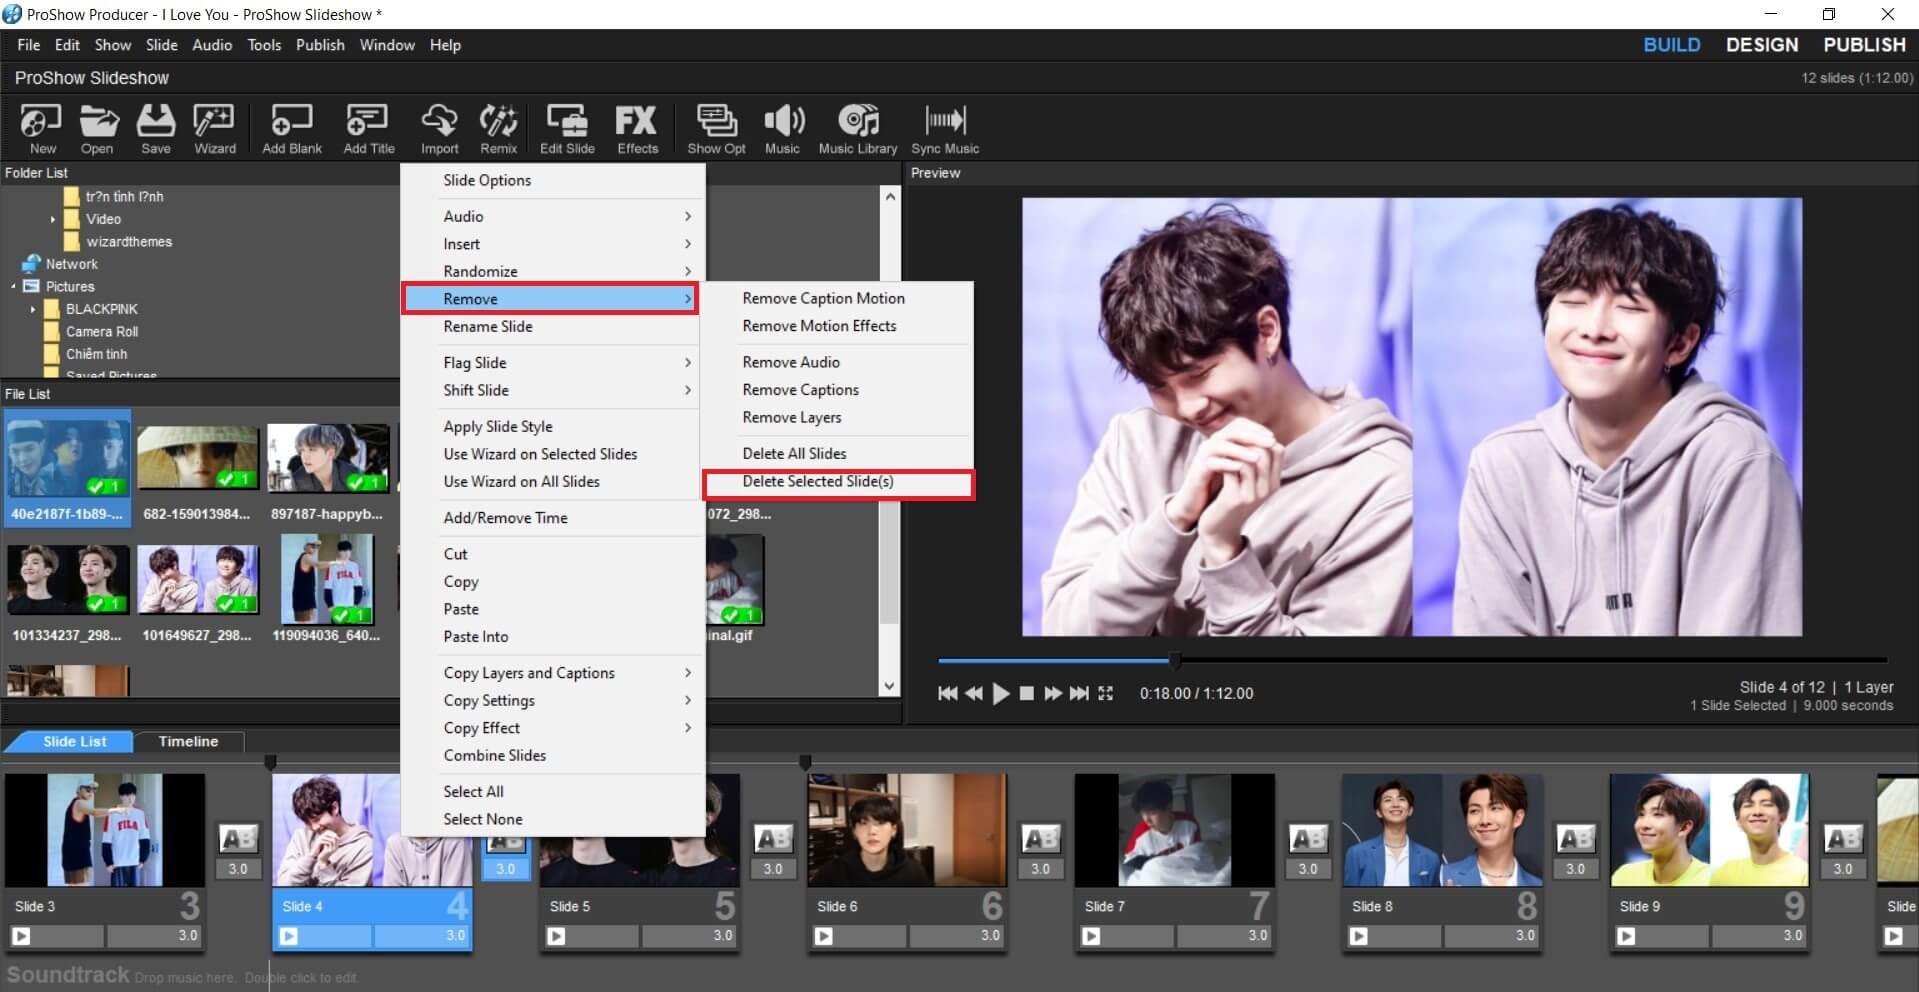 cach-make-video-slide-anh-bang-proshow-producer-3